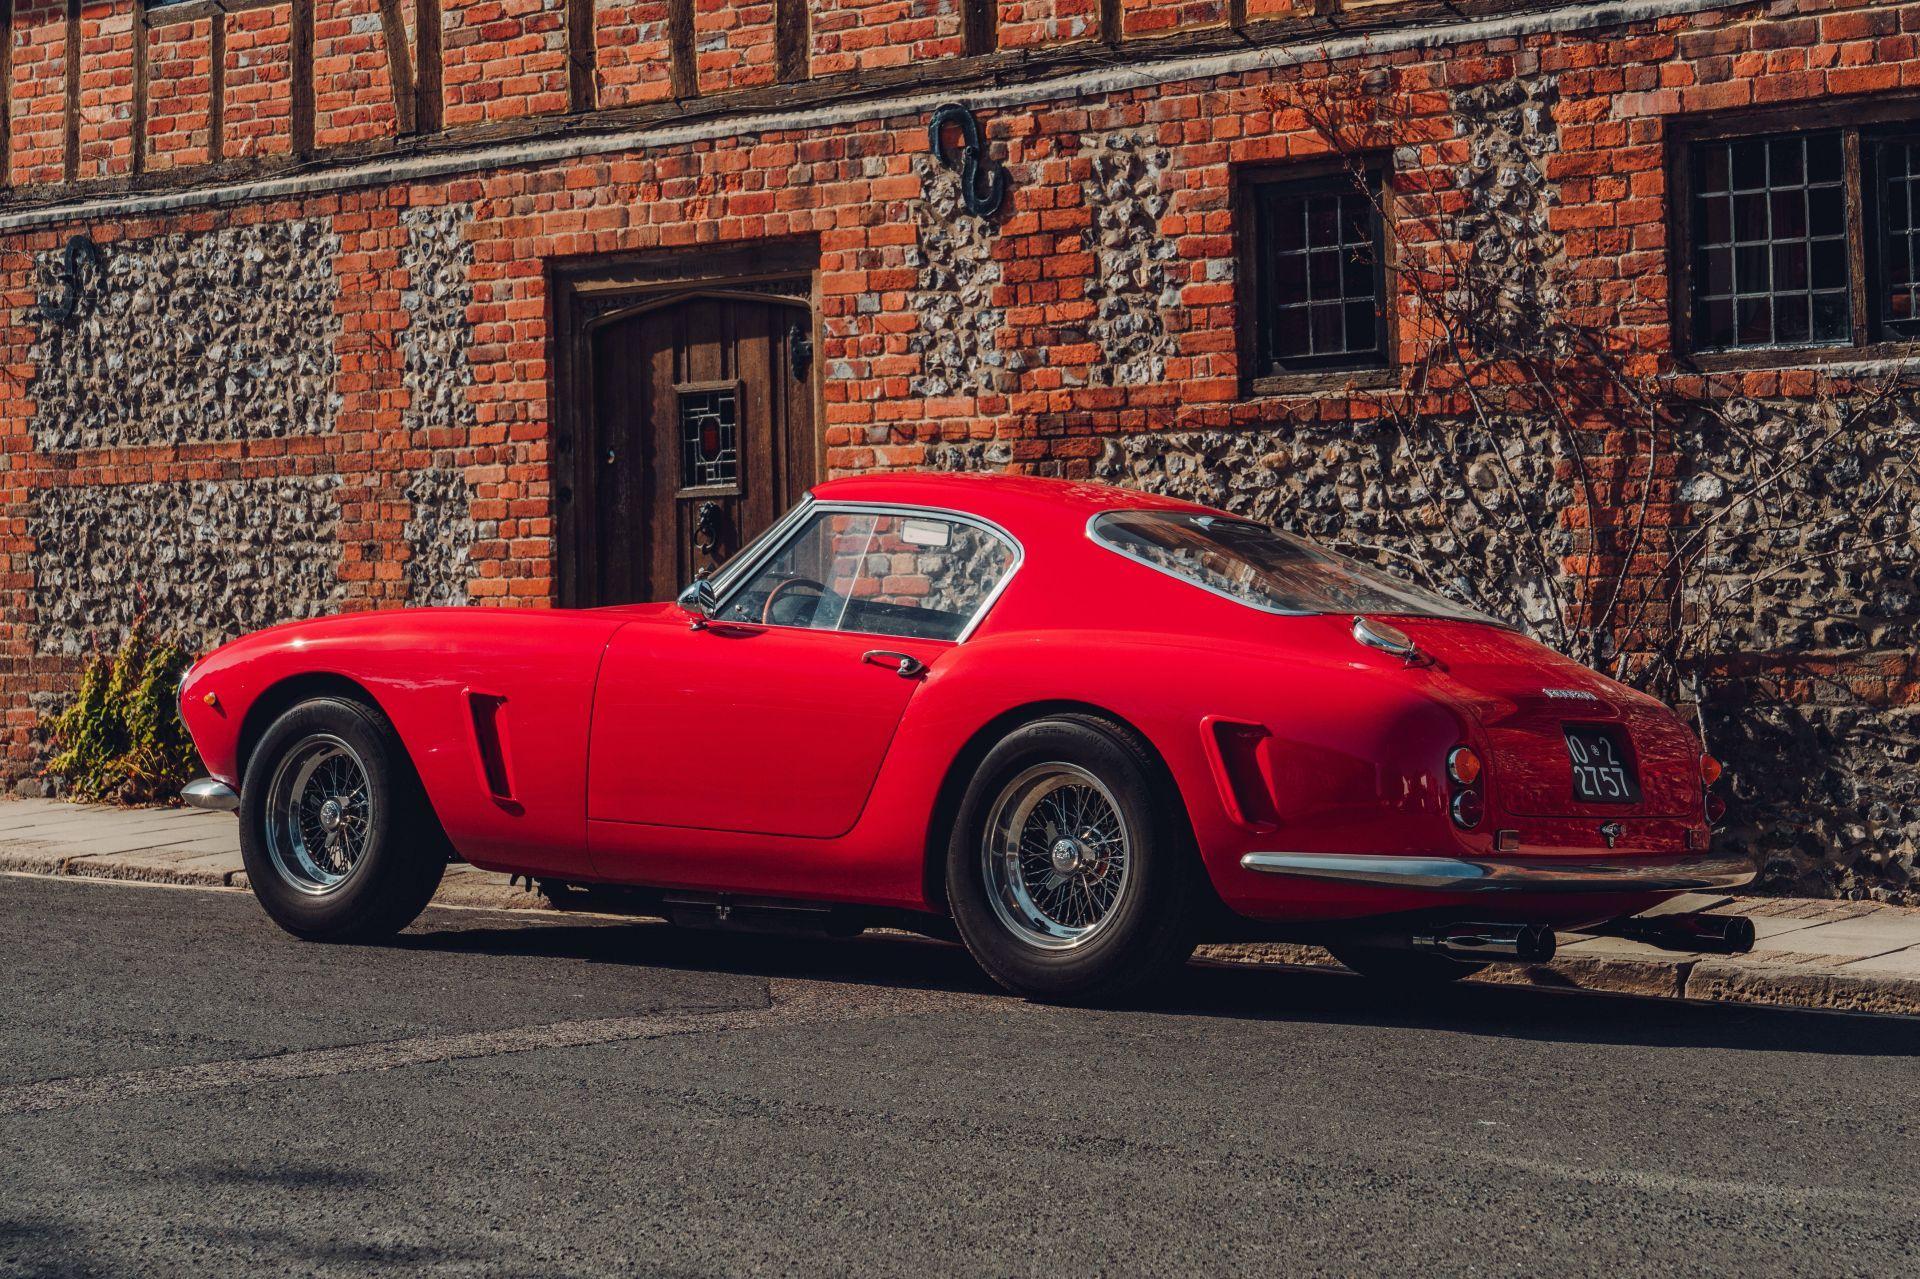 Ferrari-250-GT-SWB-Berlinetta-Competizione-Revival-by-GTO-Engineering-42